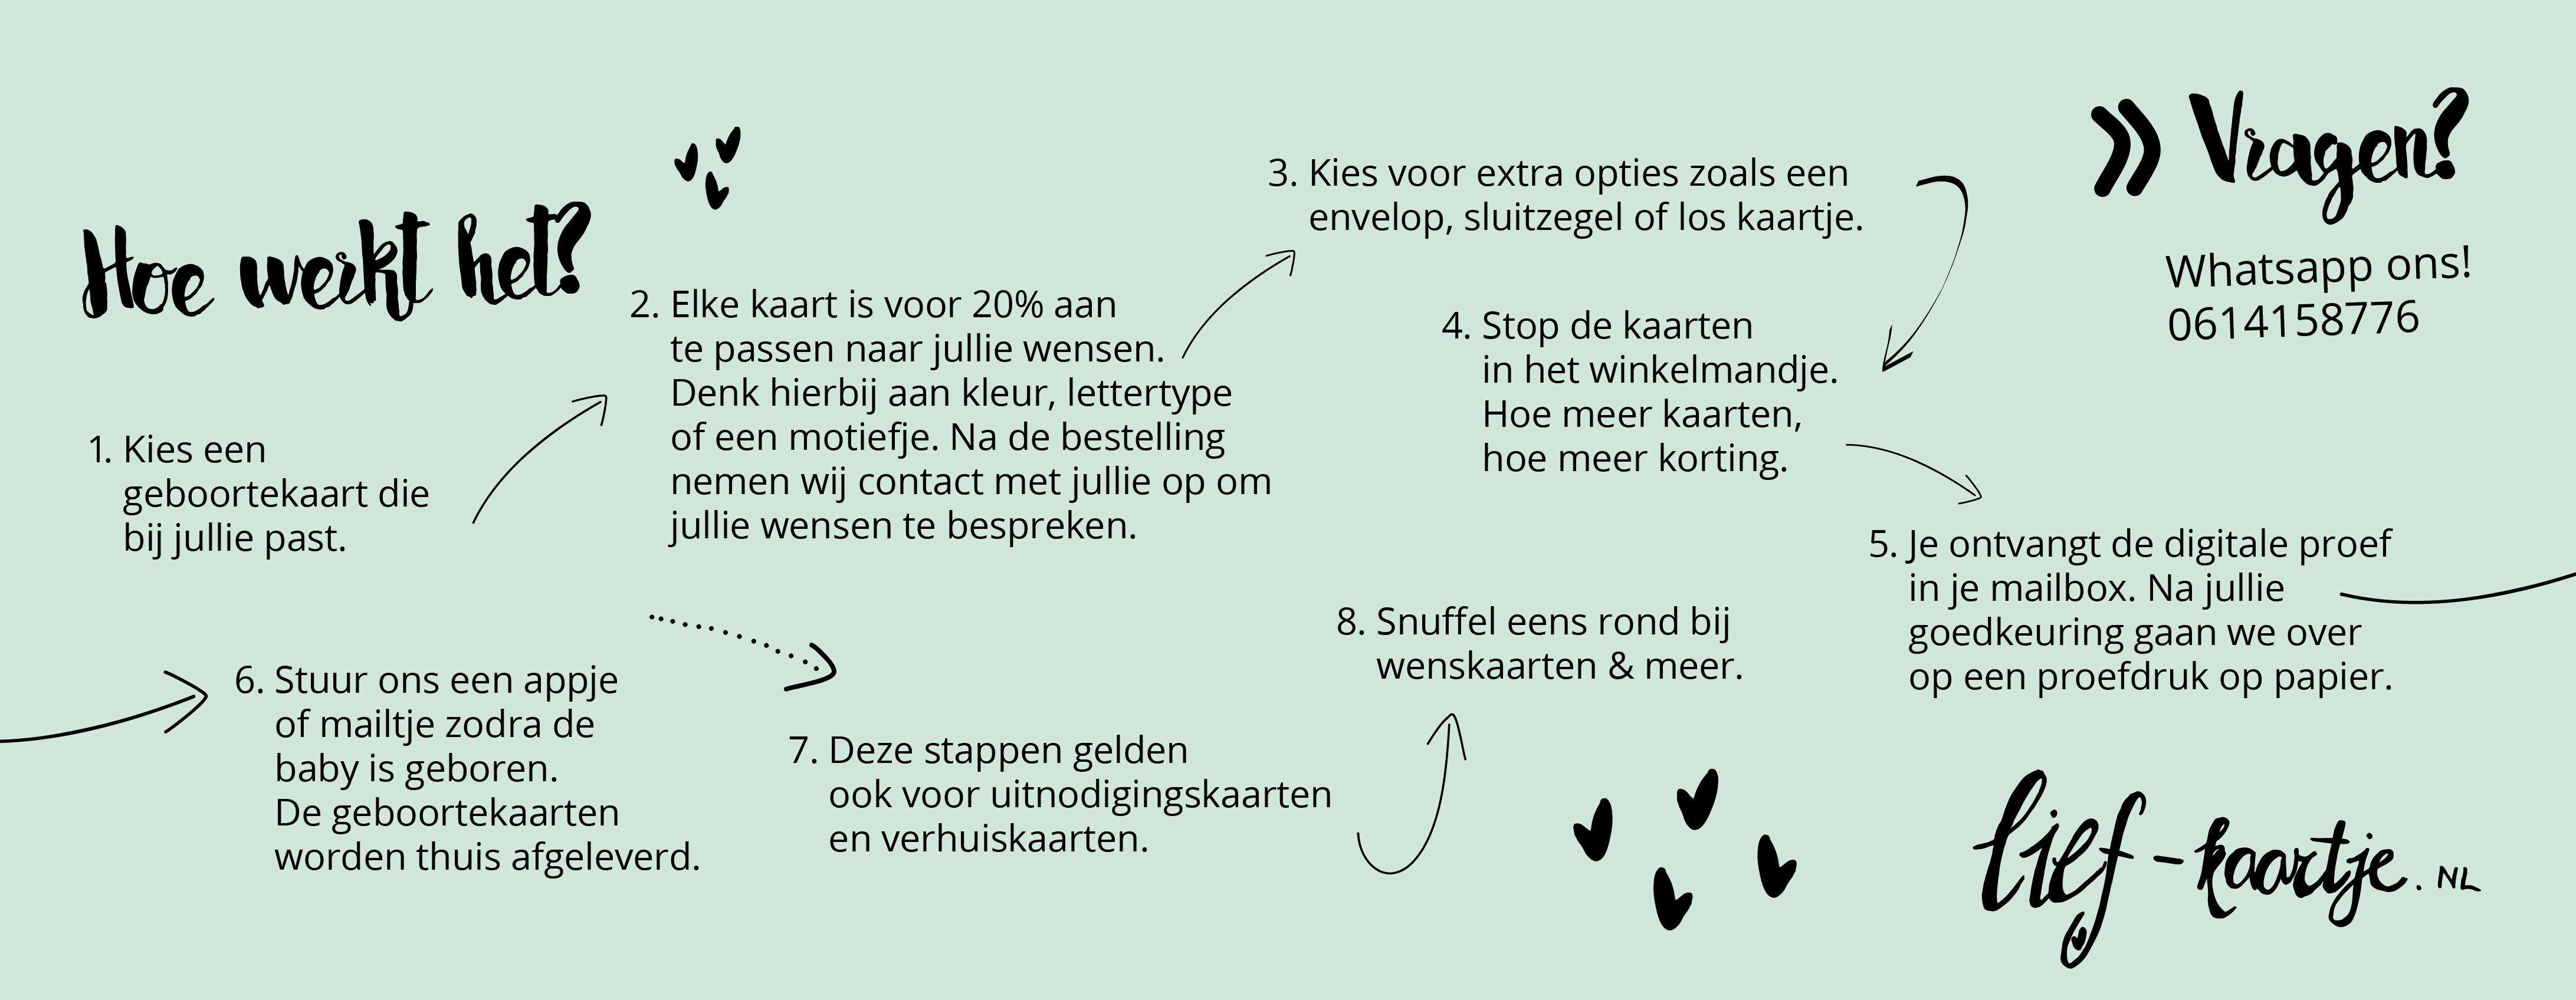 Banner lief-kaartje.nl geboortekaarten - hoe werkt het1.1